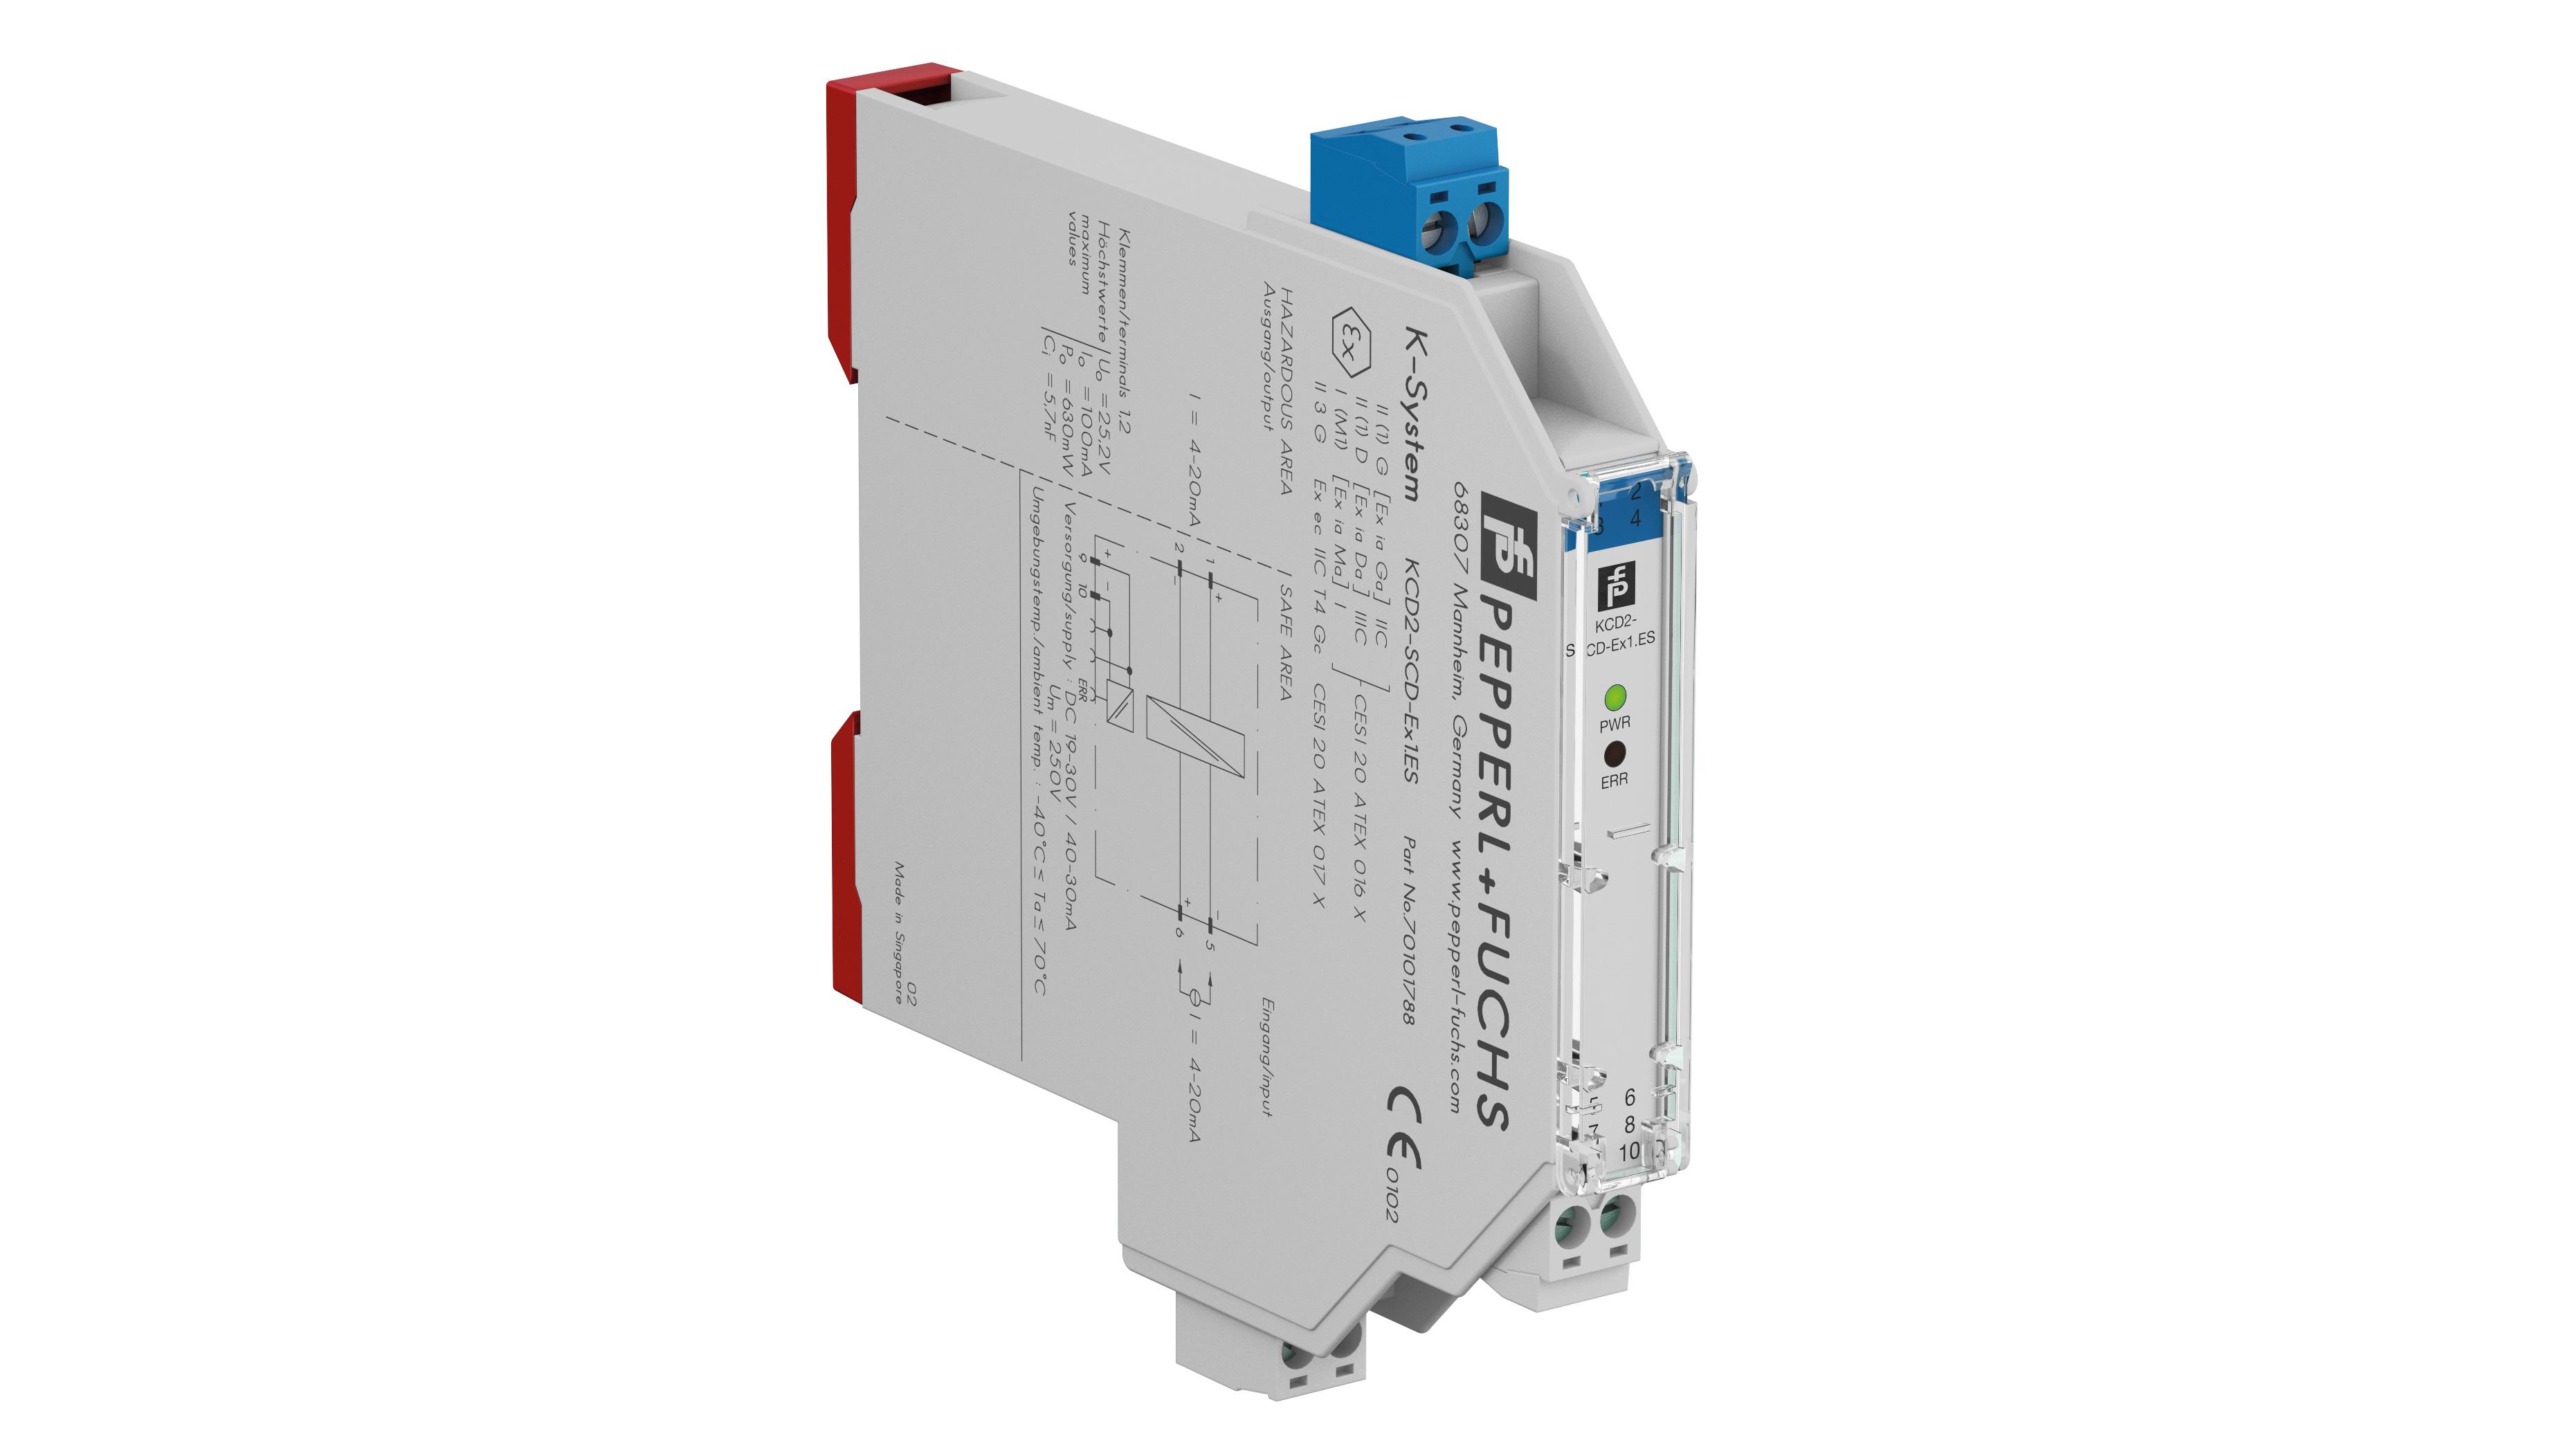 Controladores de corriente SIL 3 para zonas peligrosas